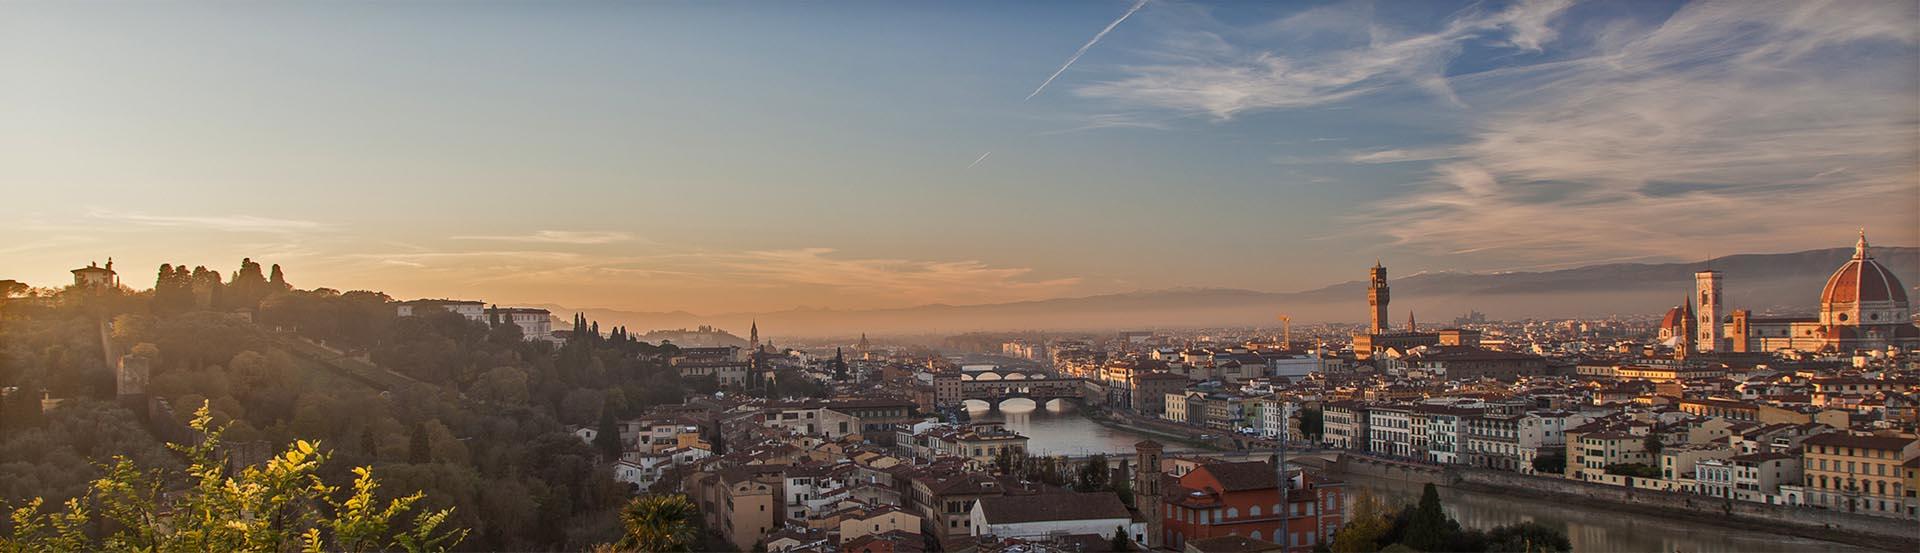 Florenz morgens, von Piazzale Michelangelo